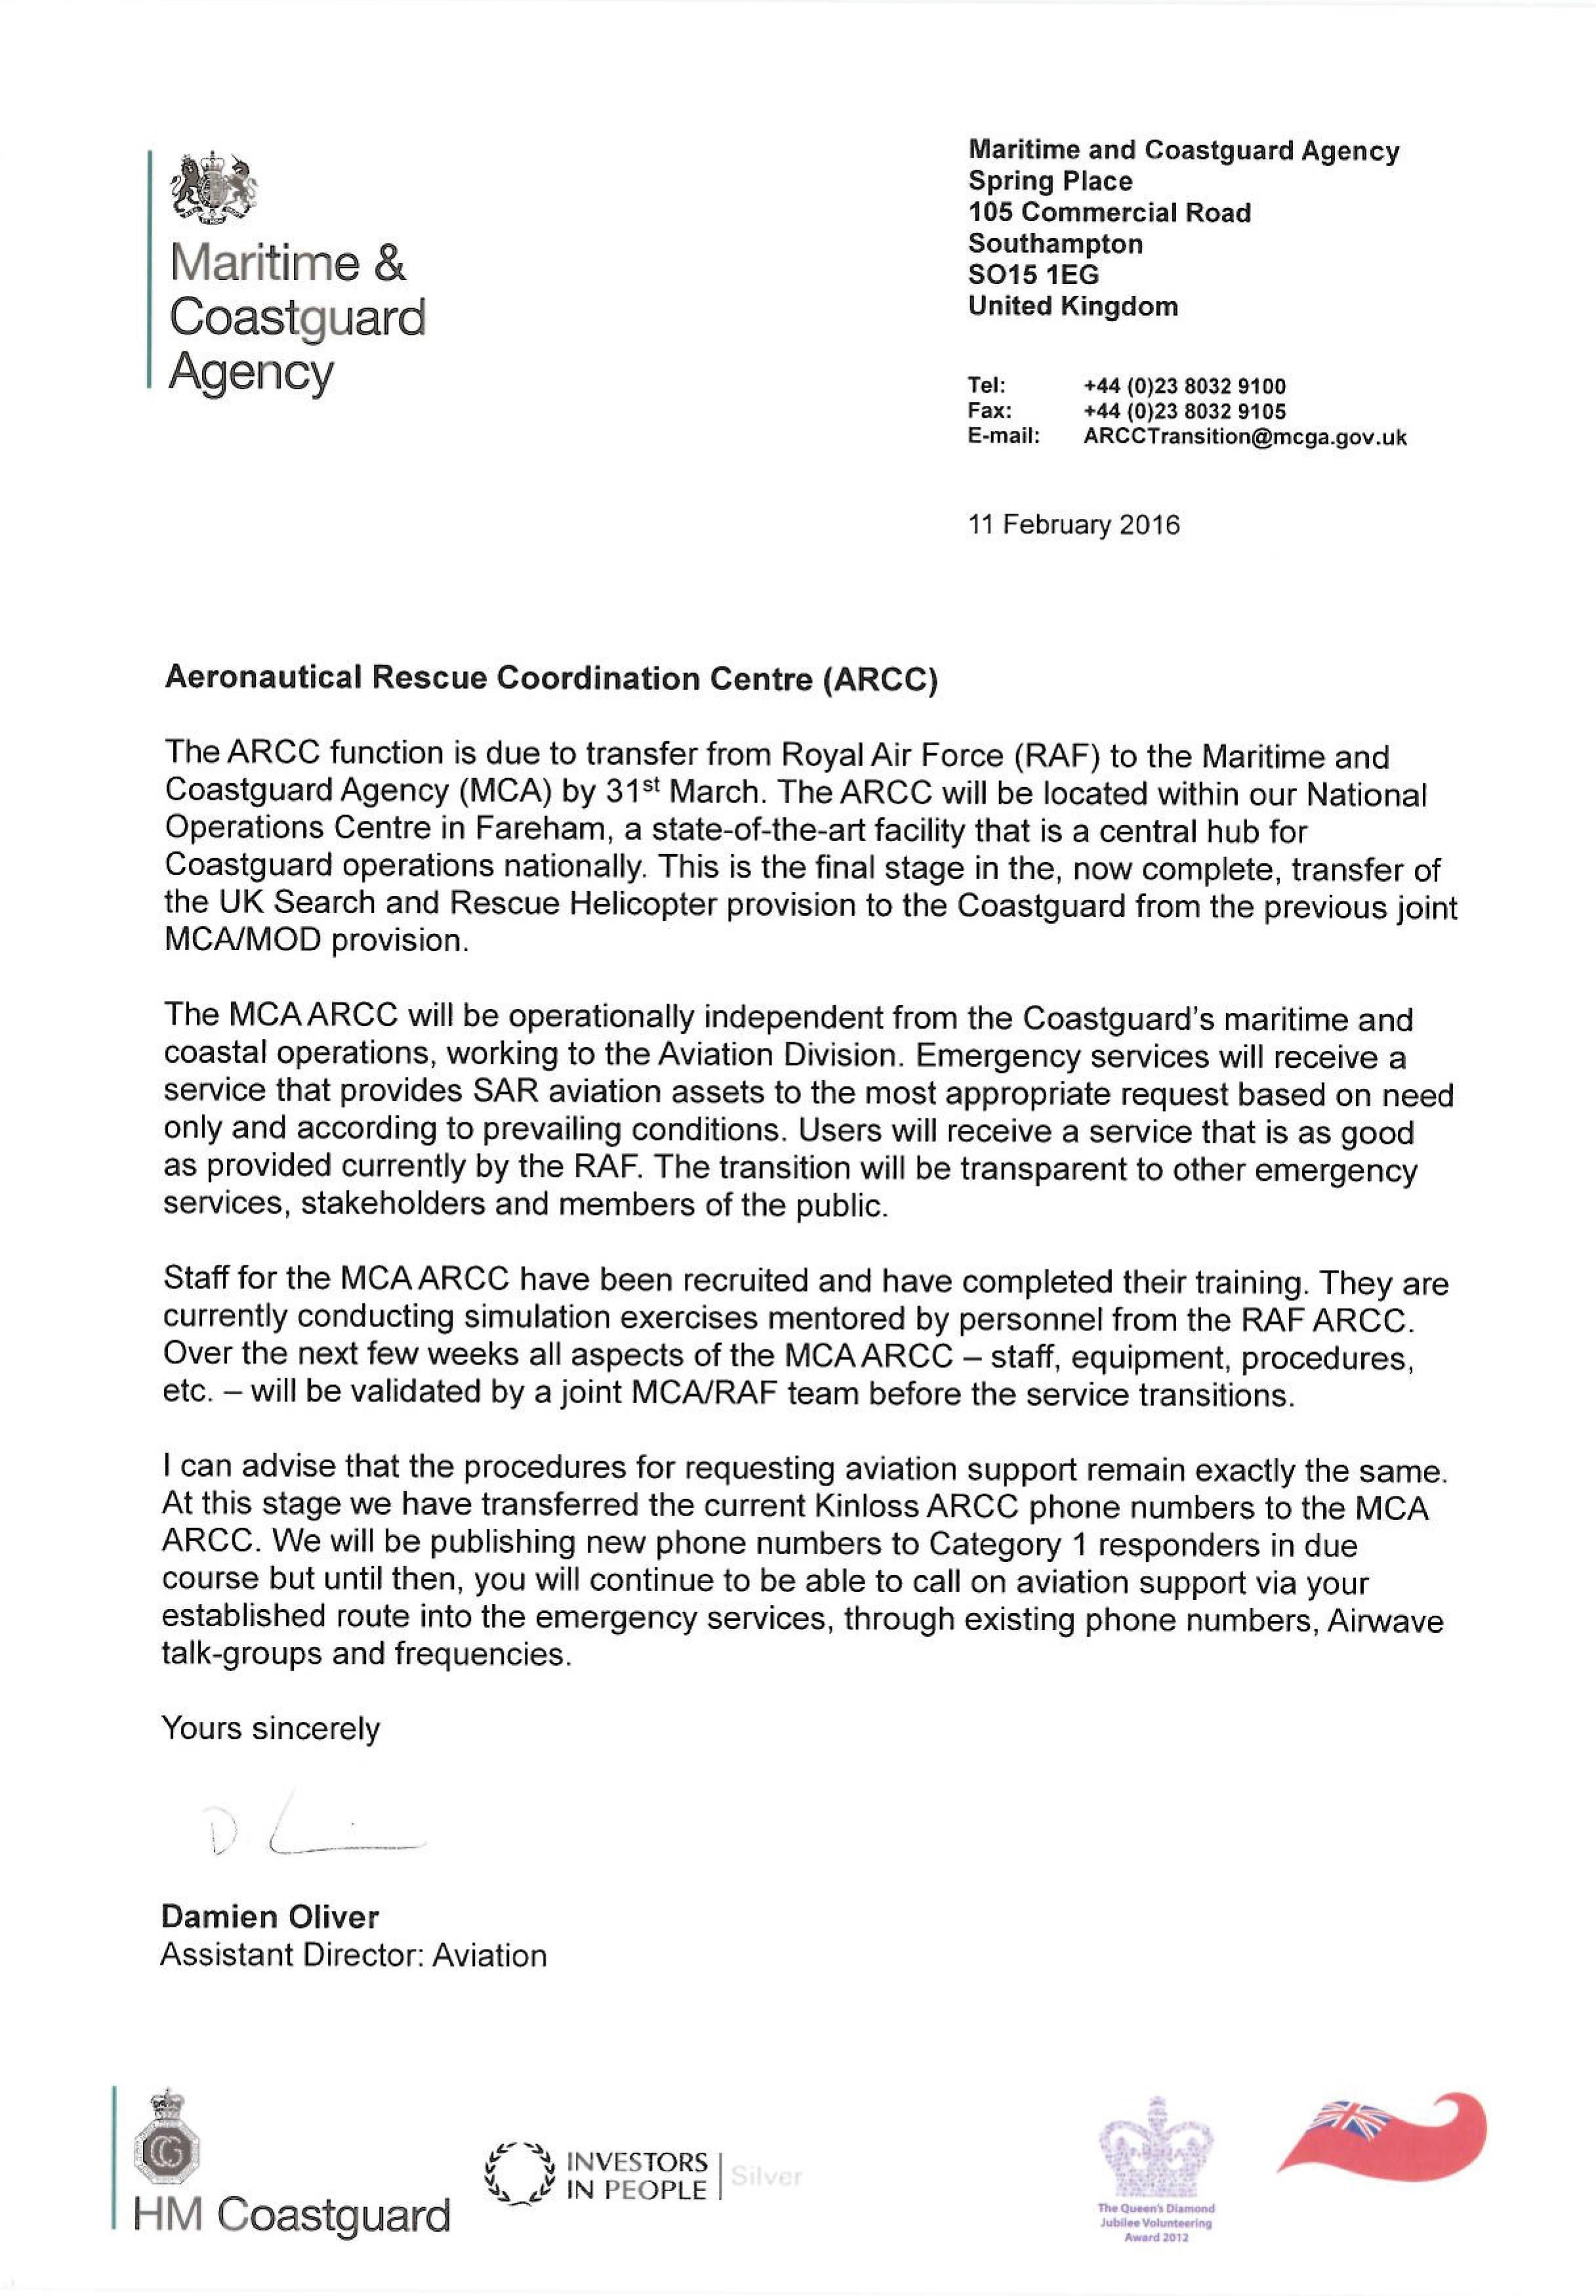 Stakeholder Letter